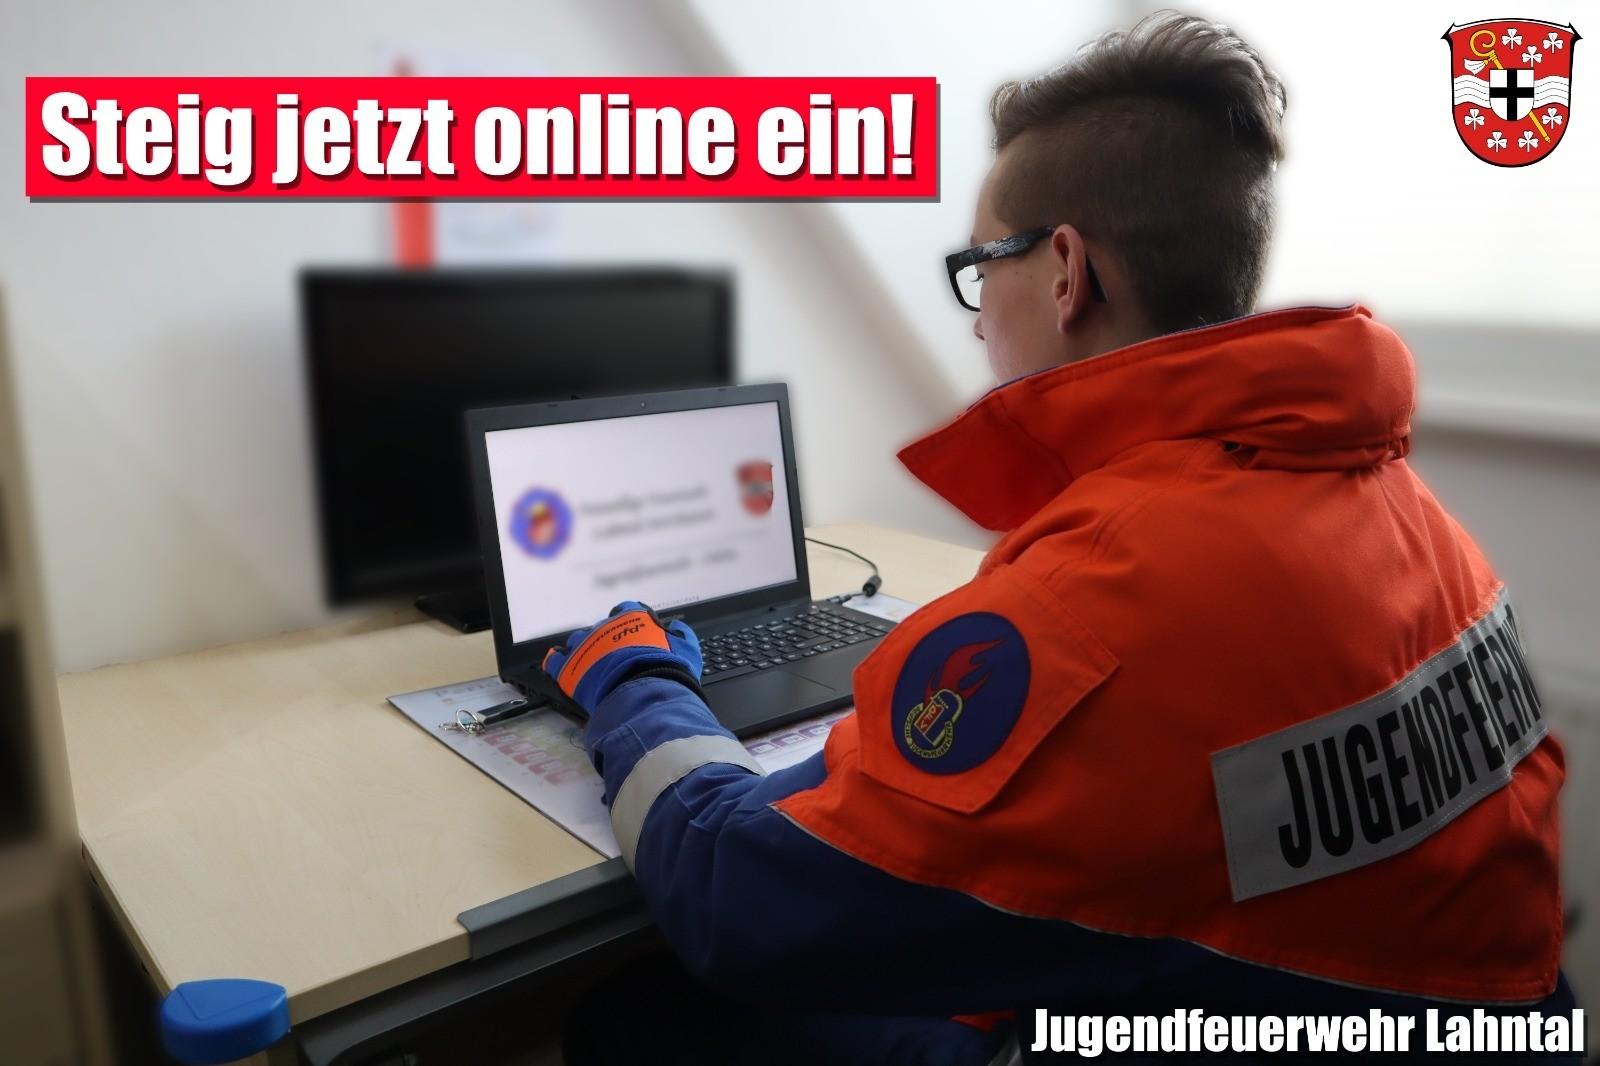 Jetzt mitmachen! Jugendfeuerwehr online